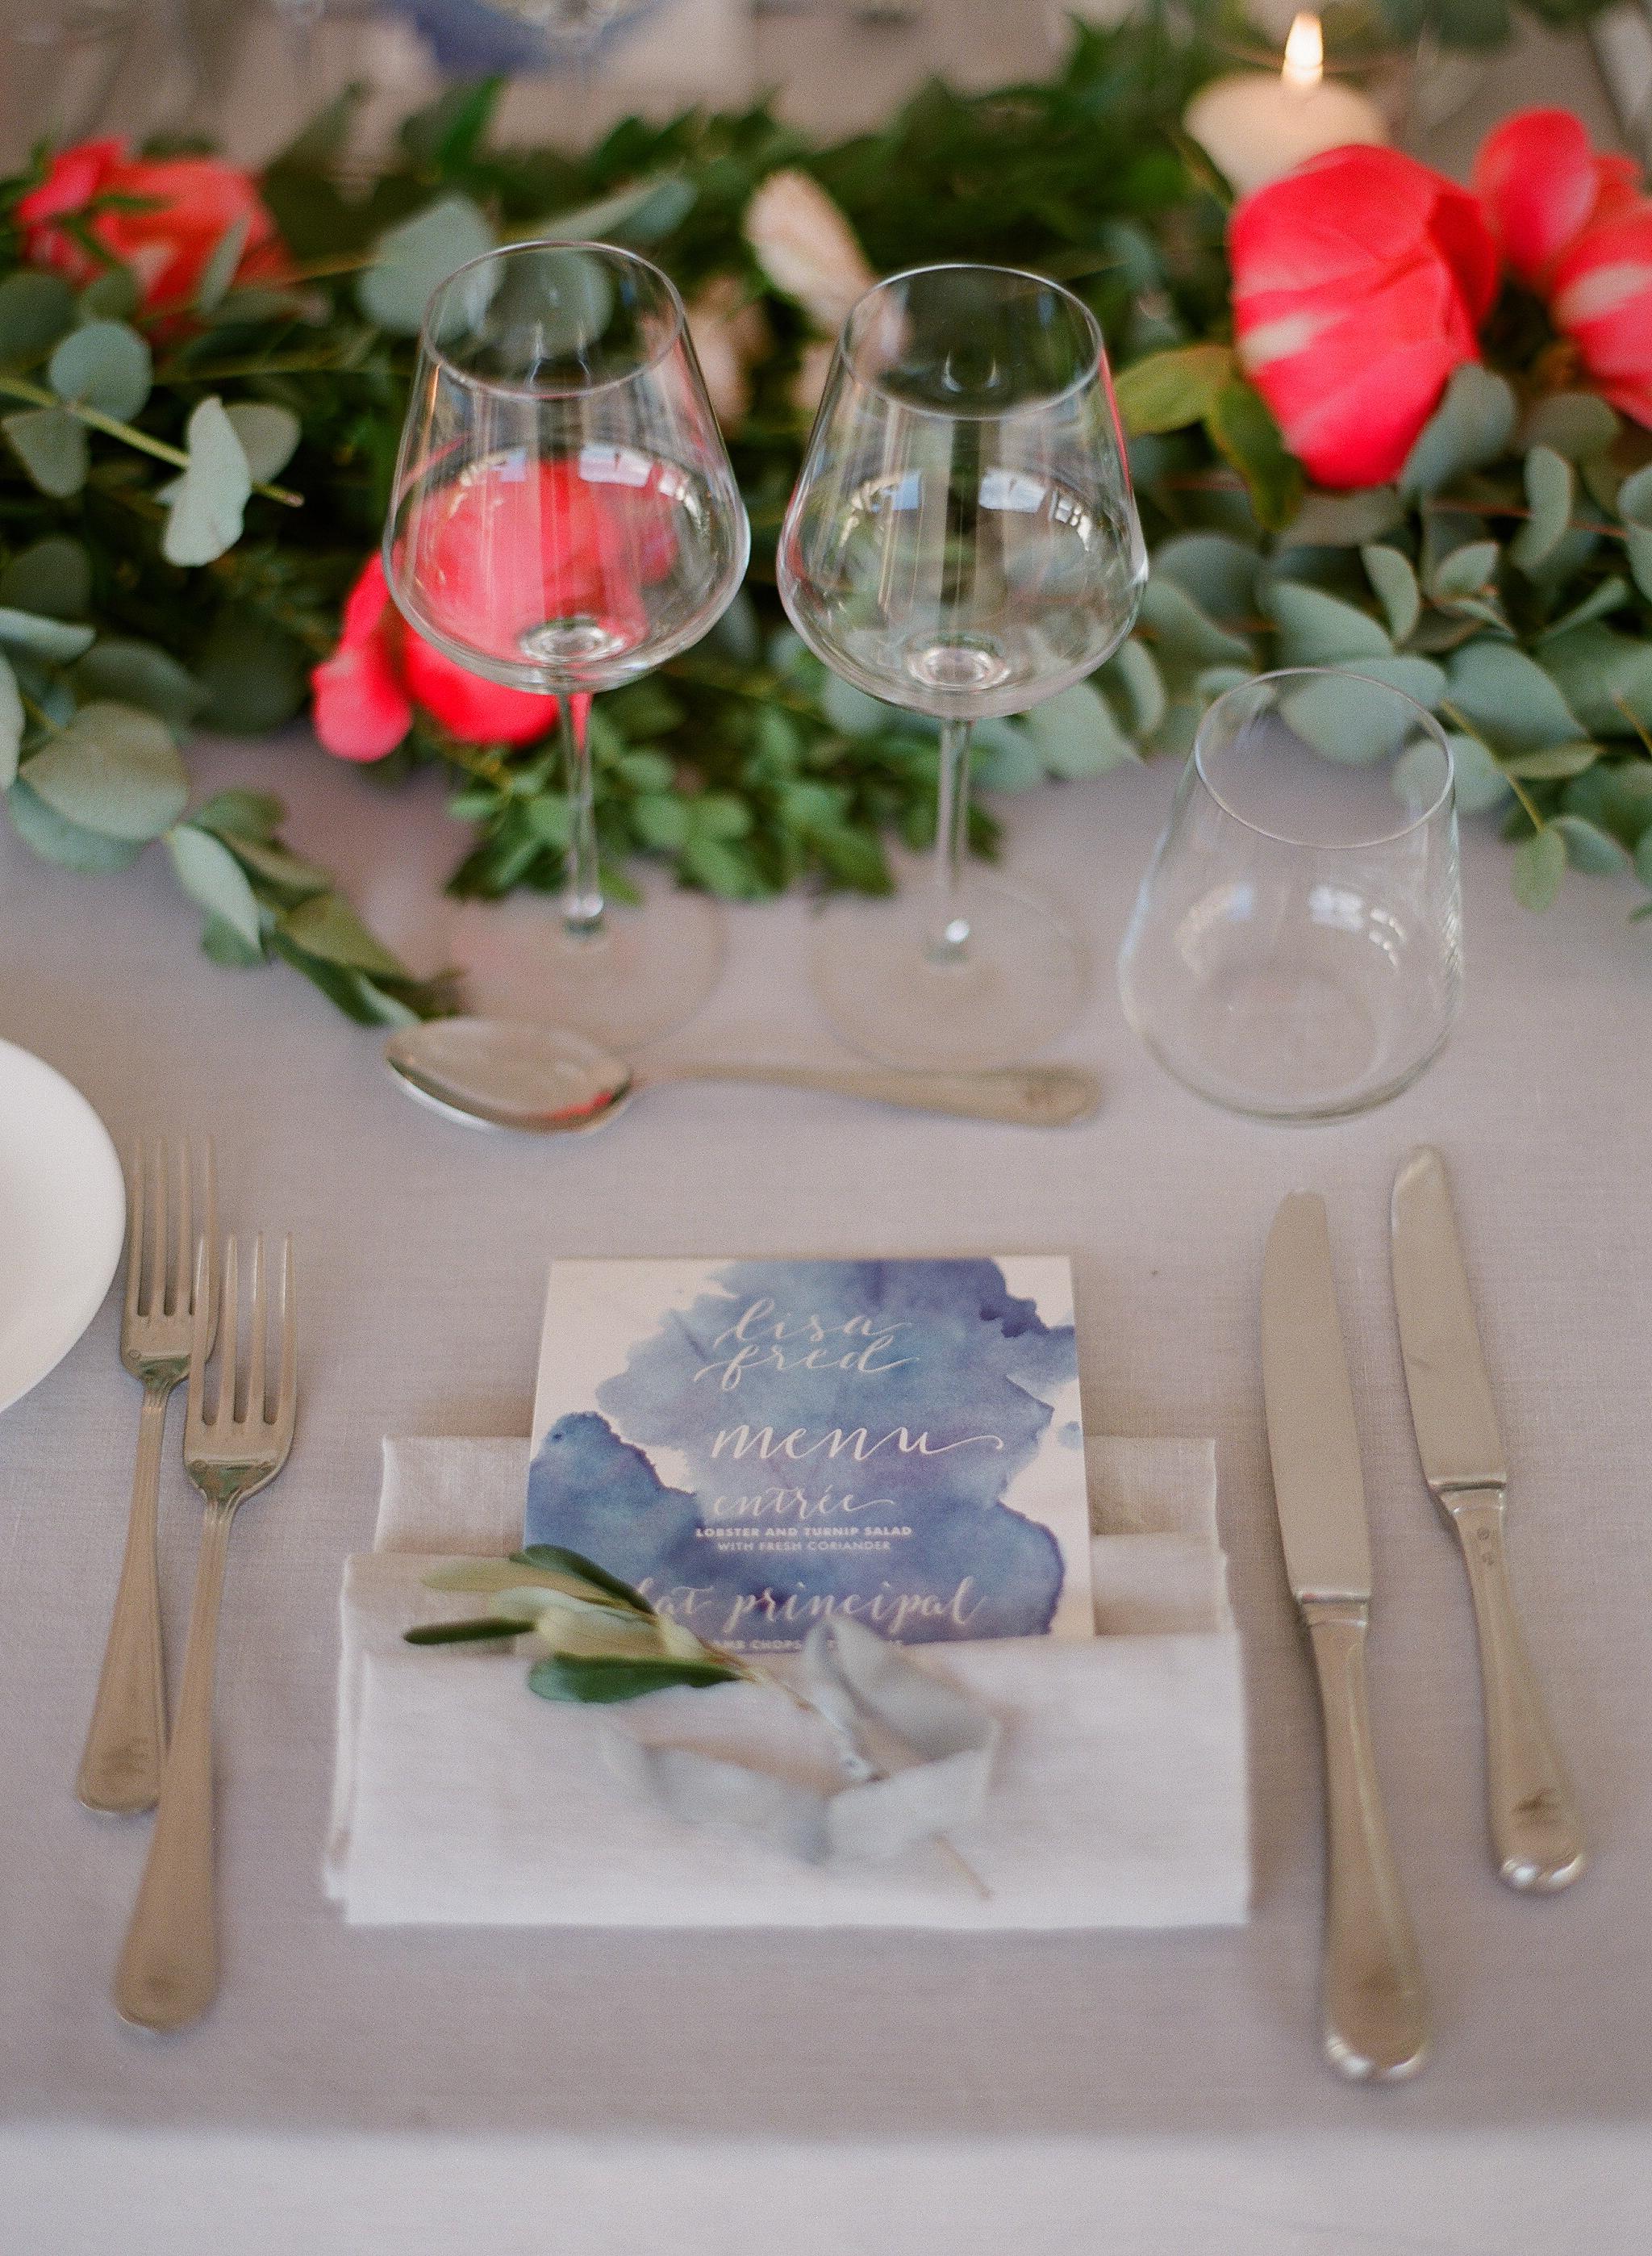 houston-wedding-planner-fine-art-luxury-designer-top-best-destination-austin-dallas-kelly-doonan-events-italy